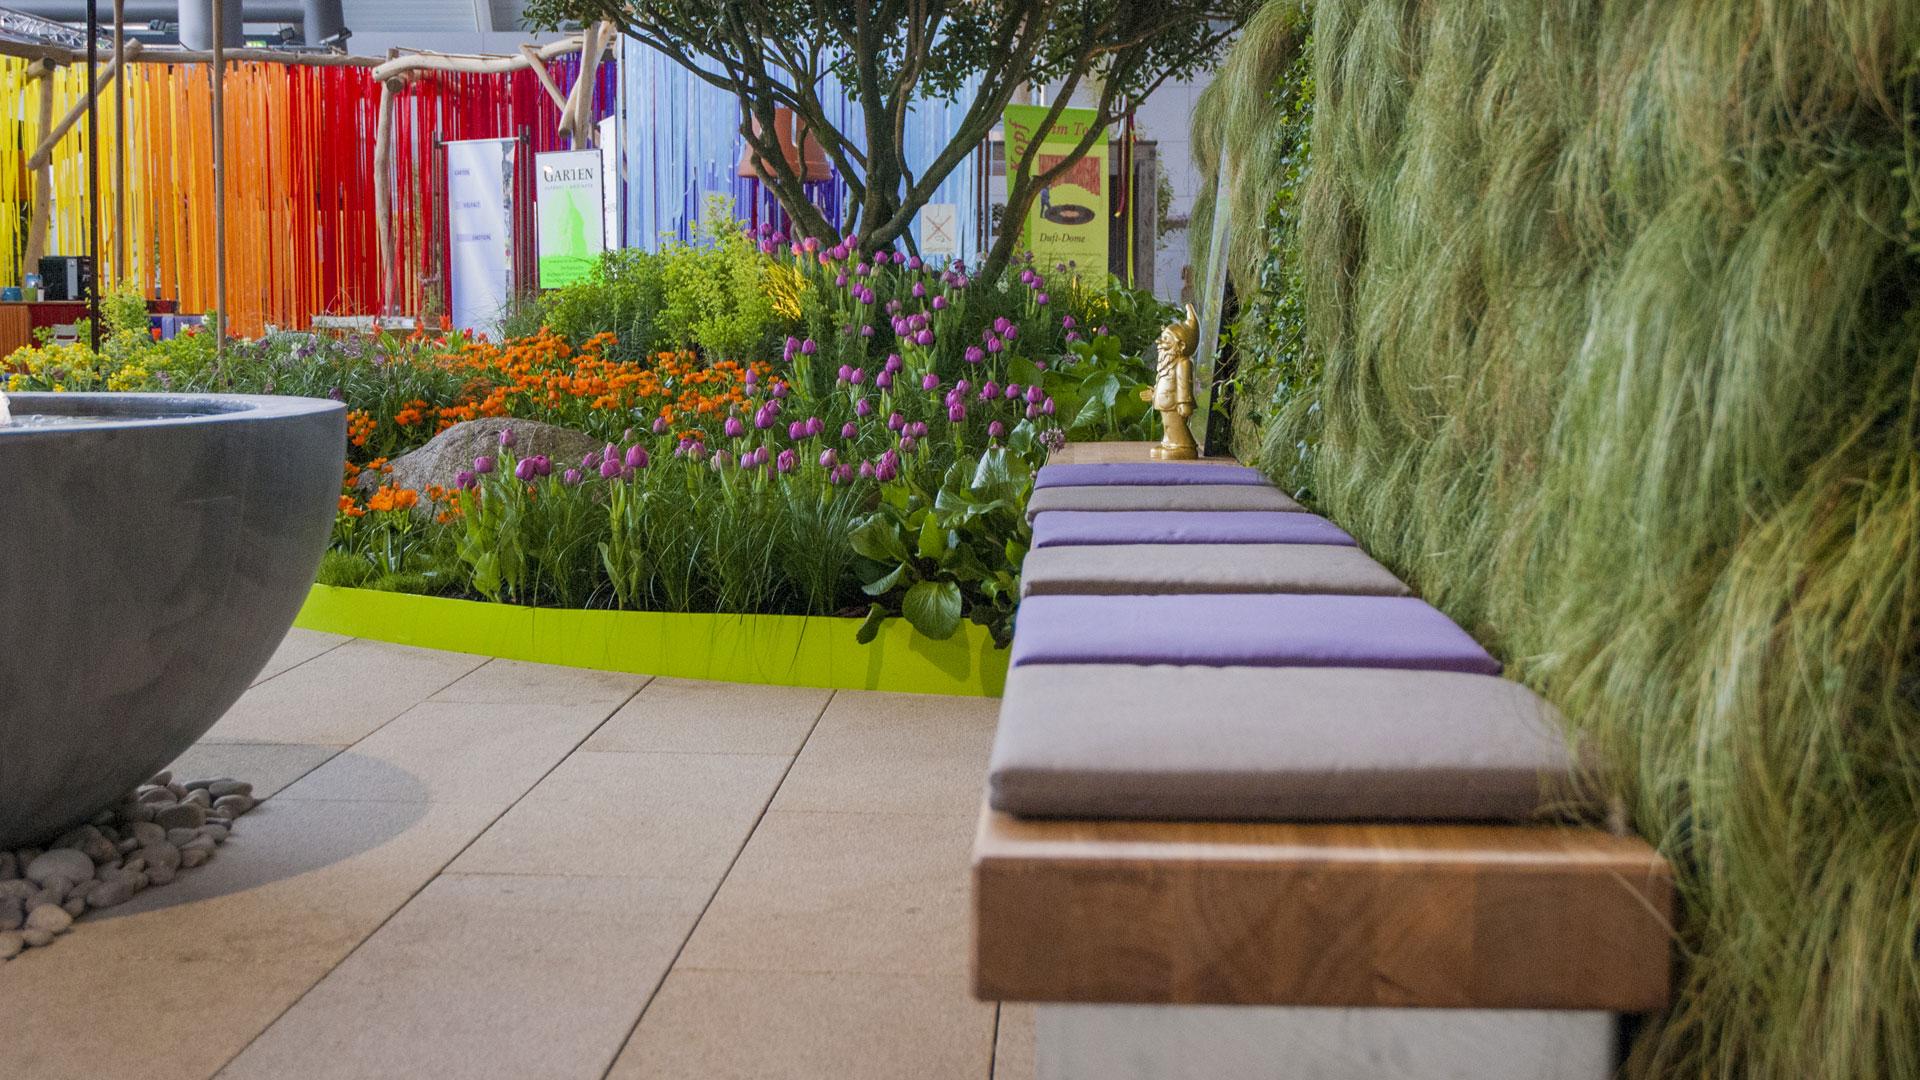 Messestand mit Sitzecke, Blumenrabatte und Brunnen in farblich harmonischer Gestaltung zur Gartenmesse Stuttgart vom Architekturbüro atelier8 Barbara Jurk in Frankfurt